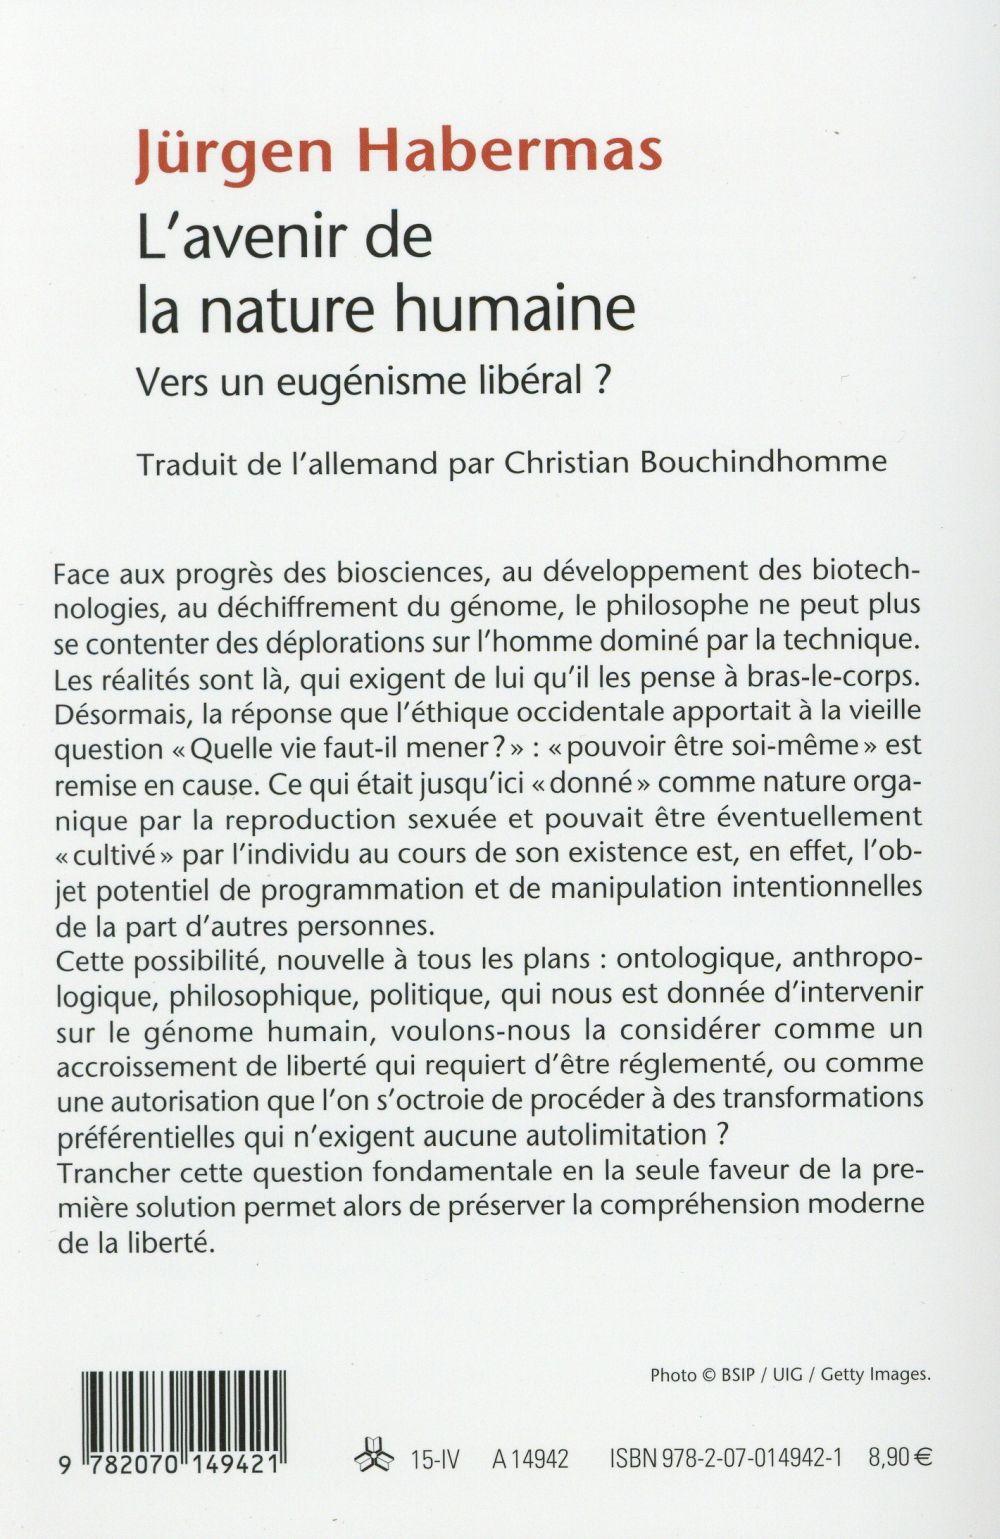 l'avenir de la nature humaine ; vers un eugénisme libéral ?